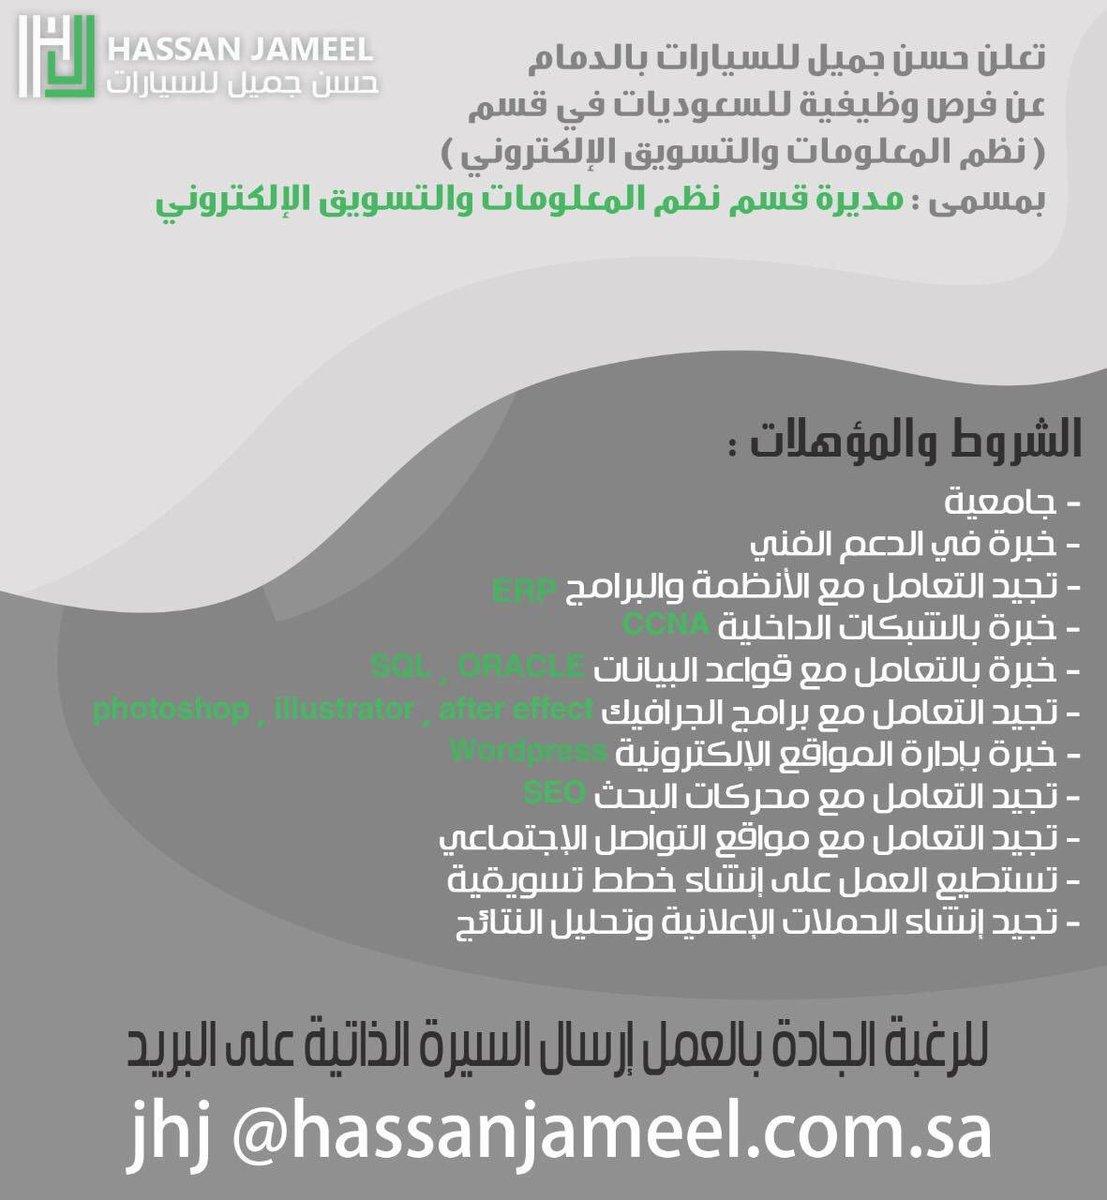 تعلن حسن جميل للسيارات في #الدمام  عن توفر فرص وظيفية للسعوديات  في قسم نظم المعلومات والتسويق الالكتروني